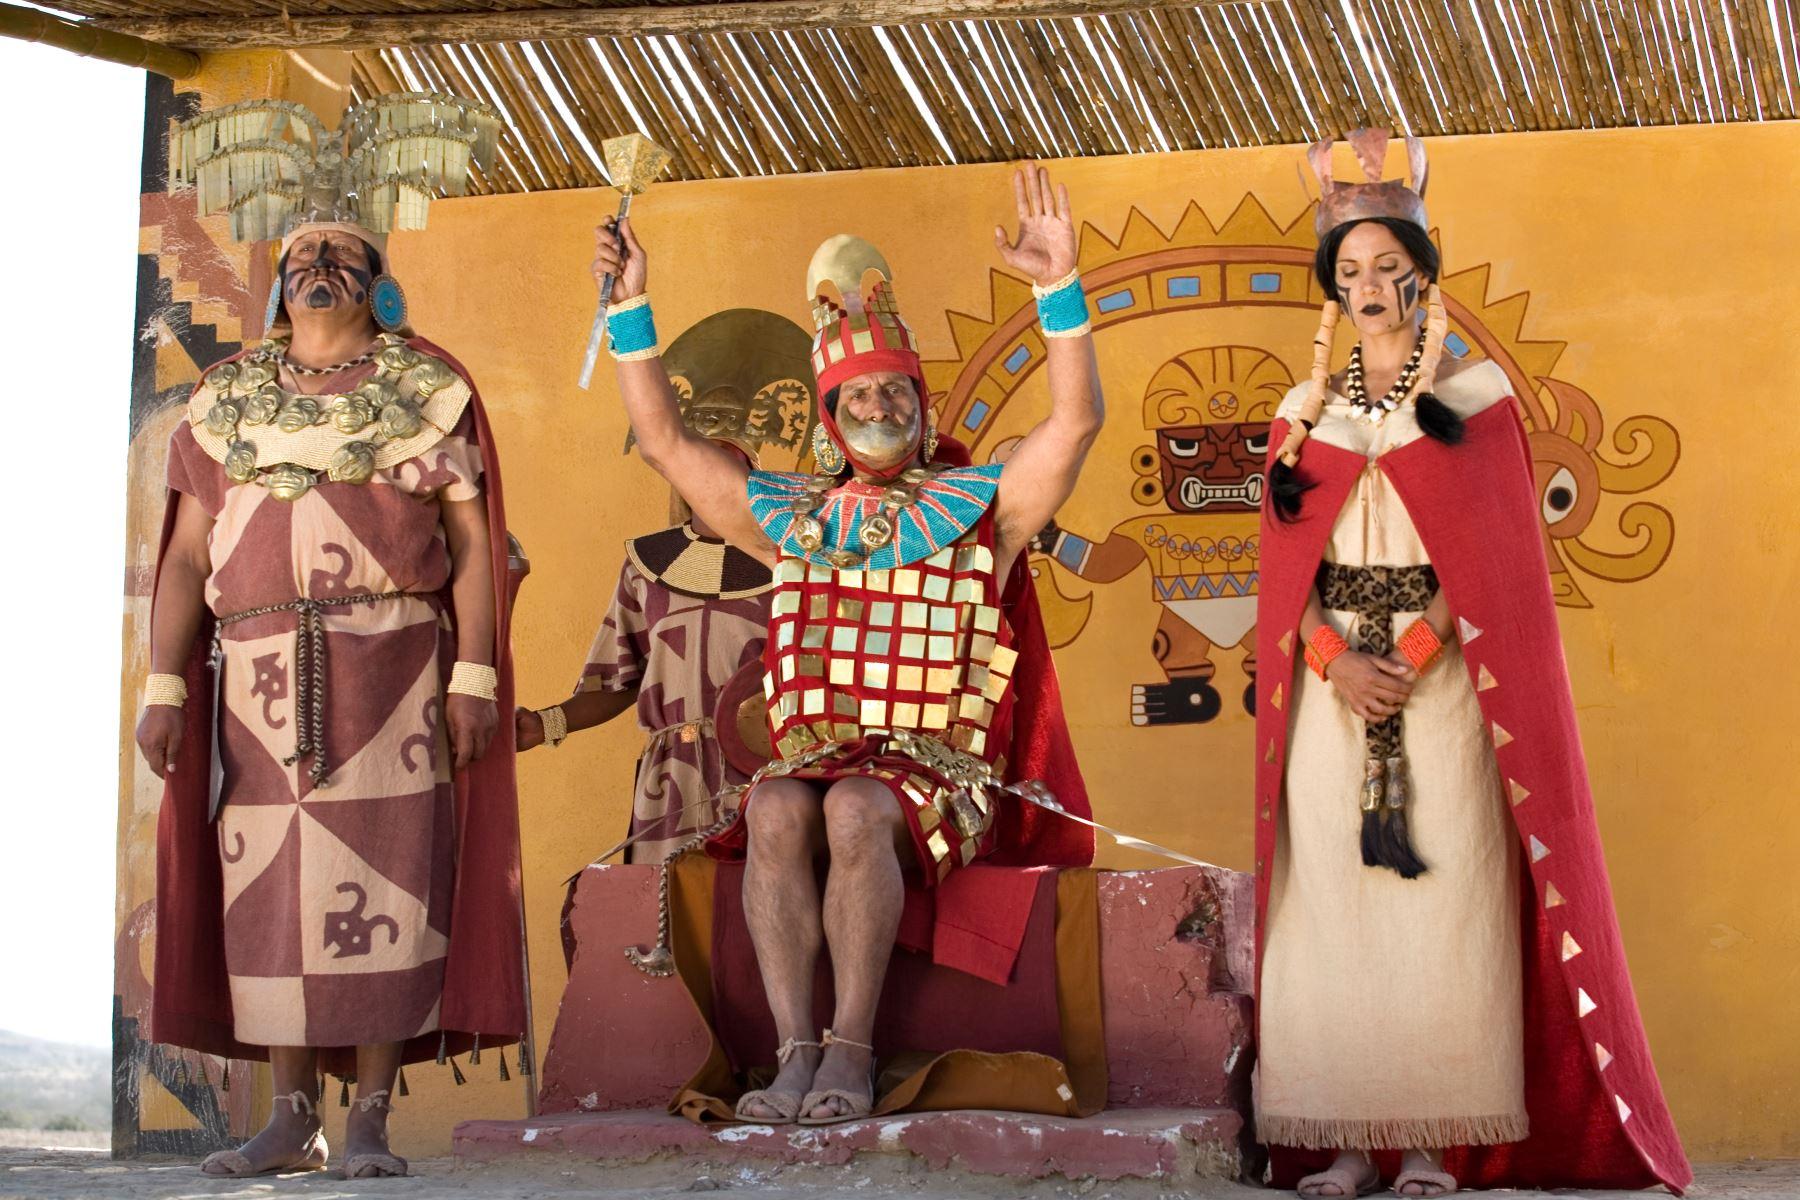 El actor Reynaldo Arenas, quien personificó al Señor de Sipán, será invitado de honor de noche artística para celebrar el Día Mundial del Teatro.